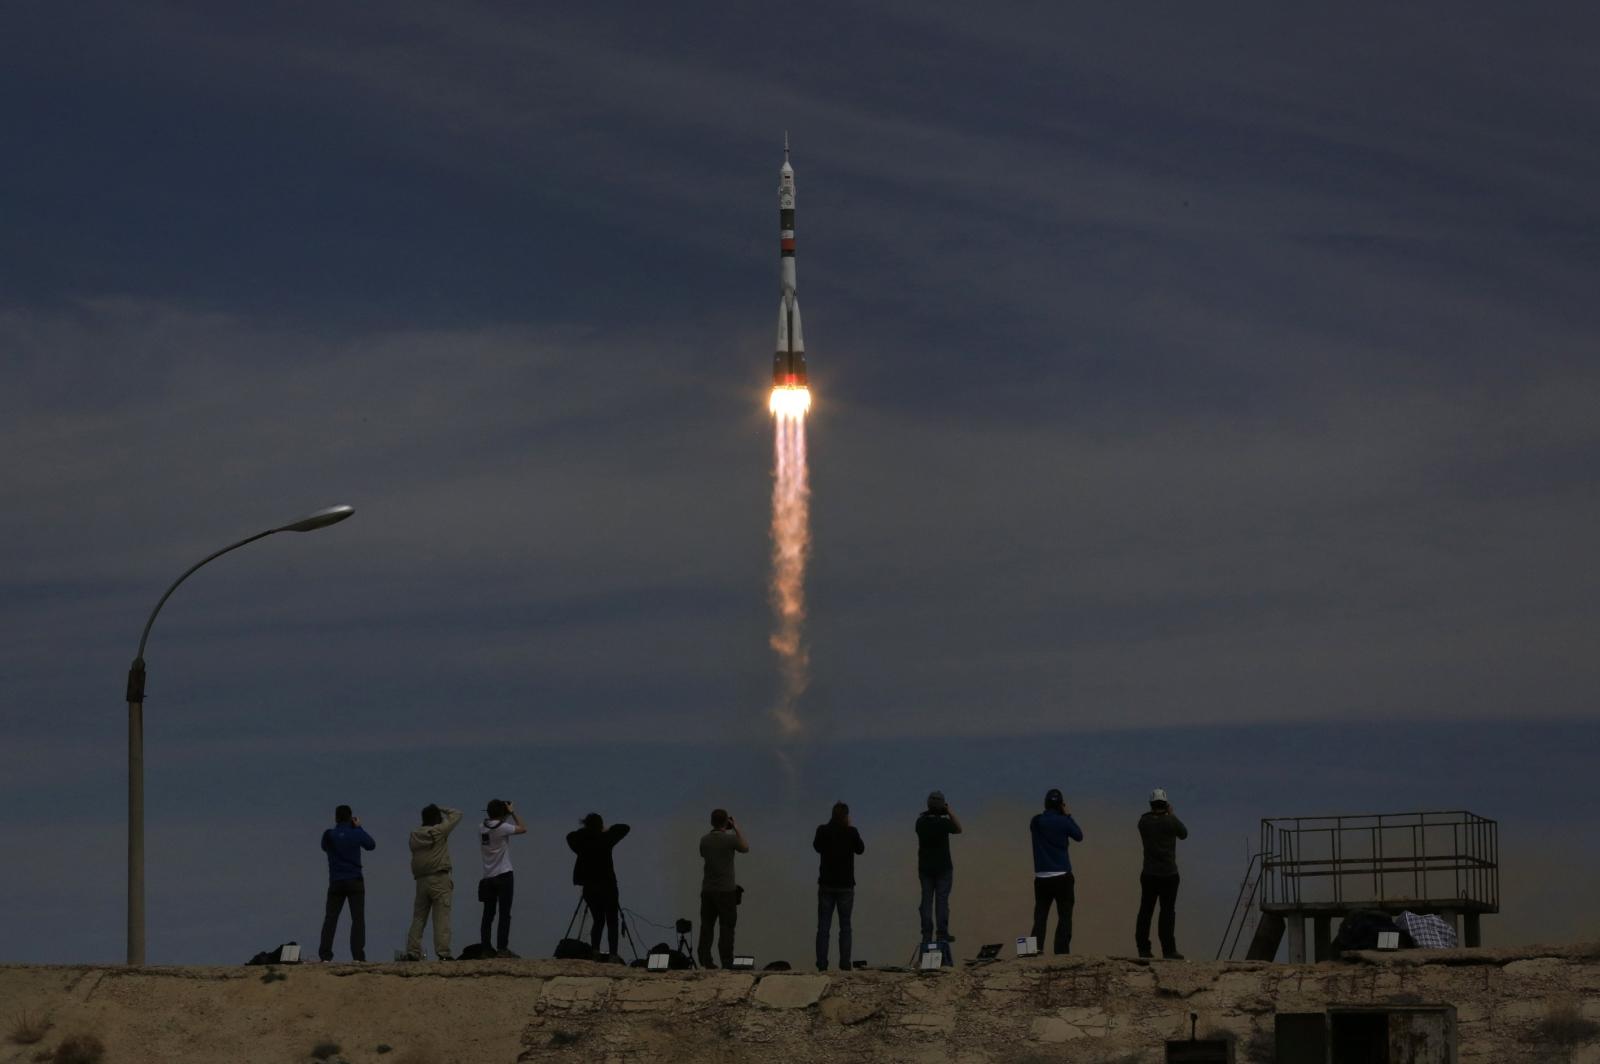 Kapsuła Sojuz z Rosjaninem i Amerykaninem wystartowała 20 kwietnia o 13:13 w Kazachstanie. Fot. PAP/EPA/SERGEI ILNITSKY